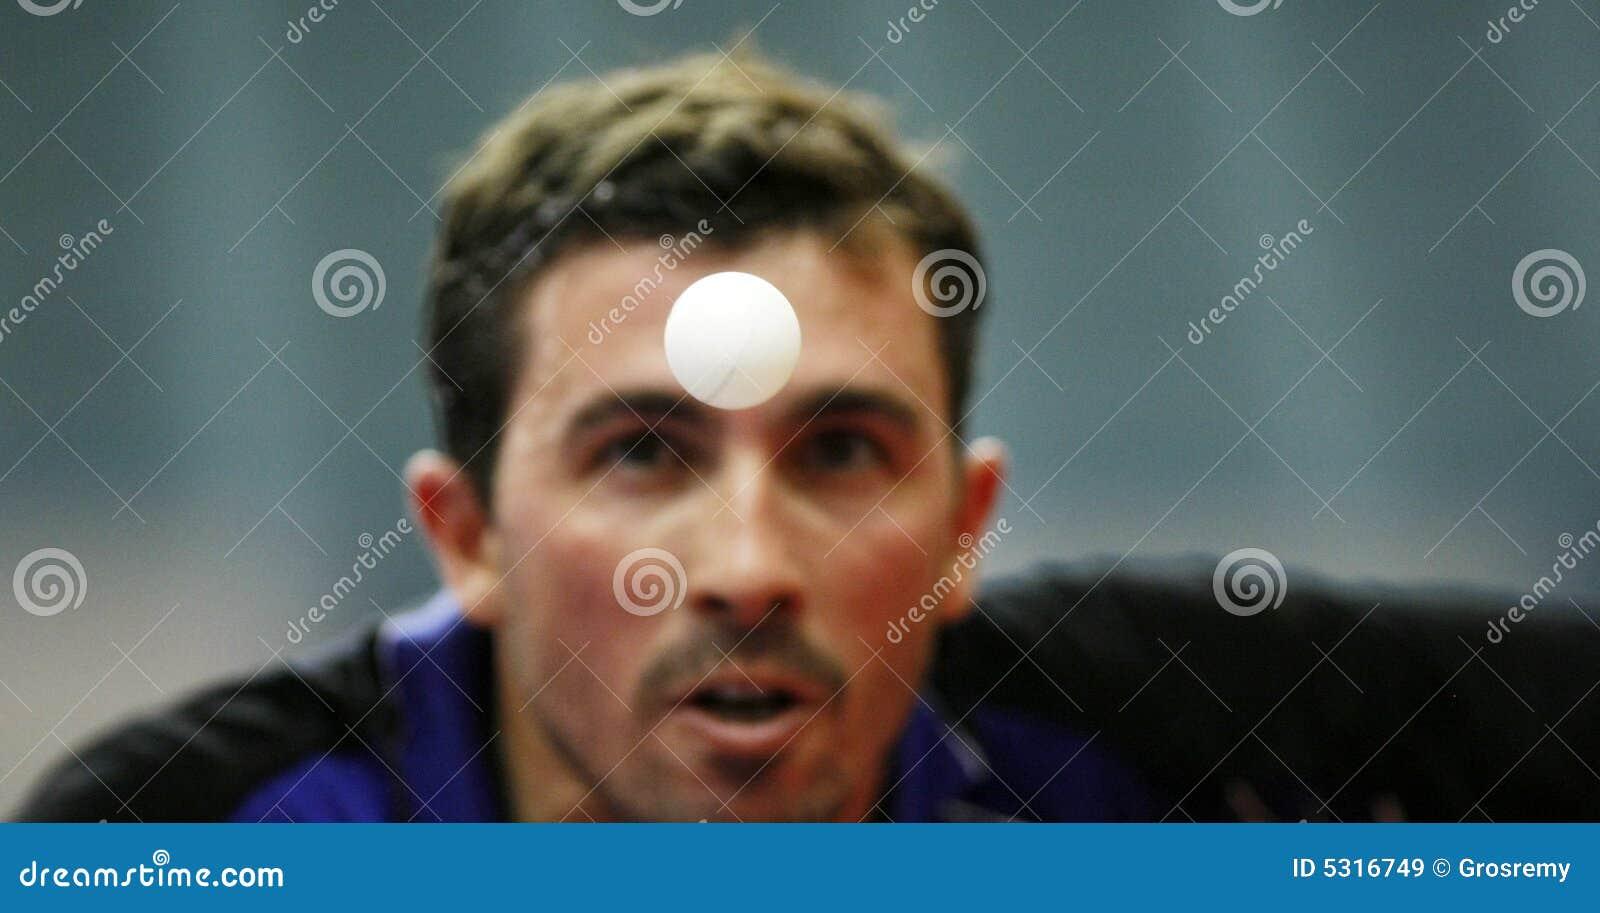 Download Jover.S immagine stock editoriale. Immagine di sport, tennis - 5316749